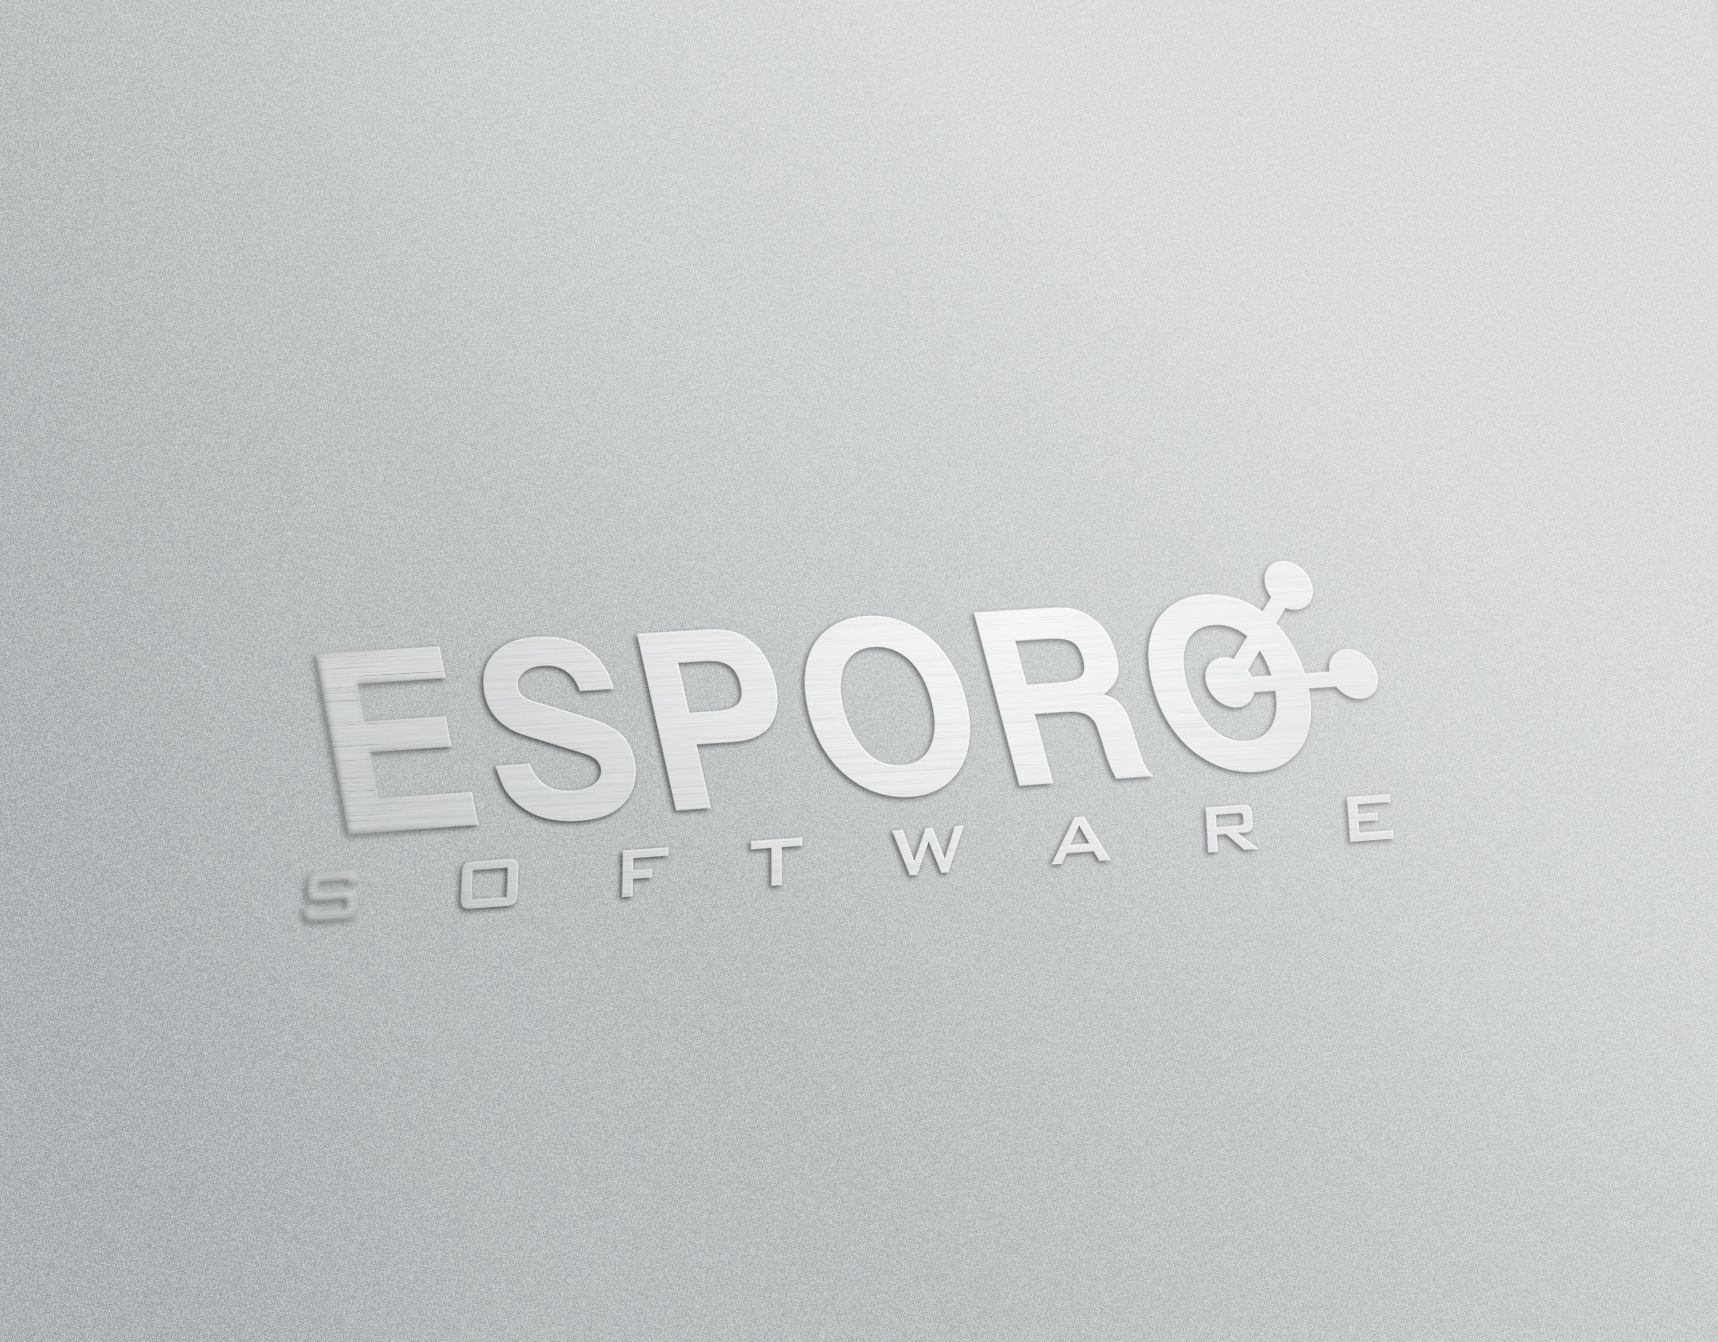 Логотип и фирменный стиль для ИТ-компании - дизайнер Wou1ter